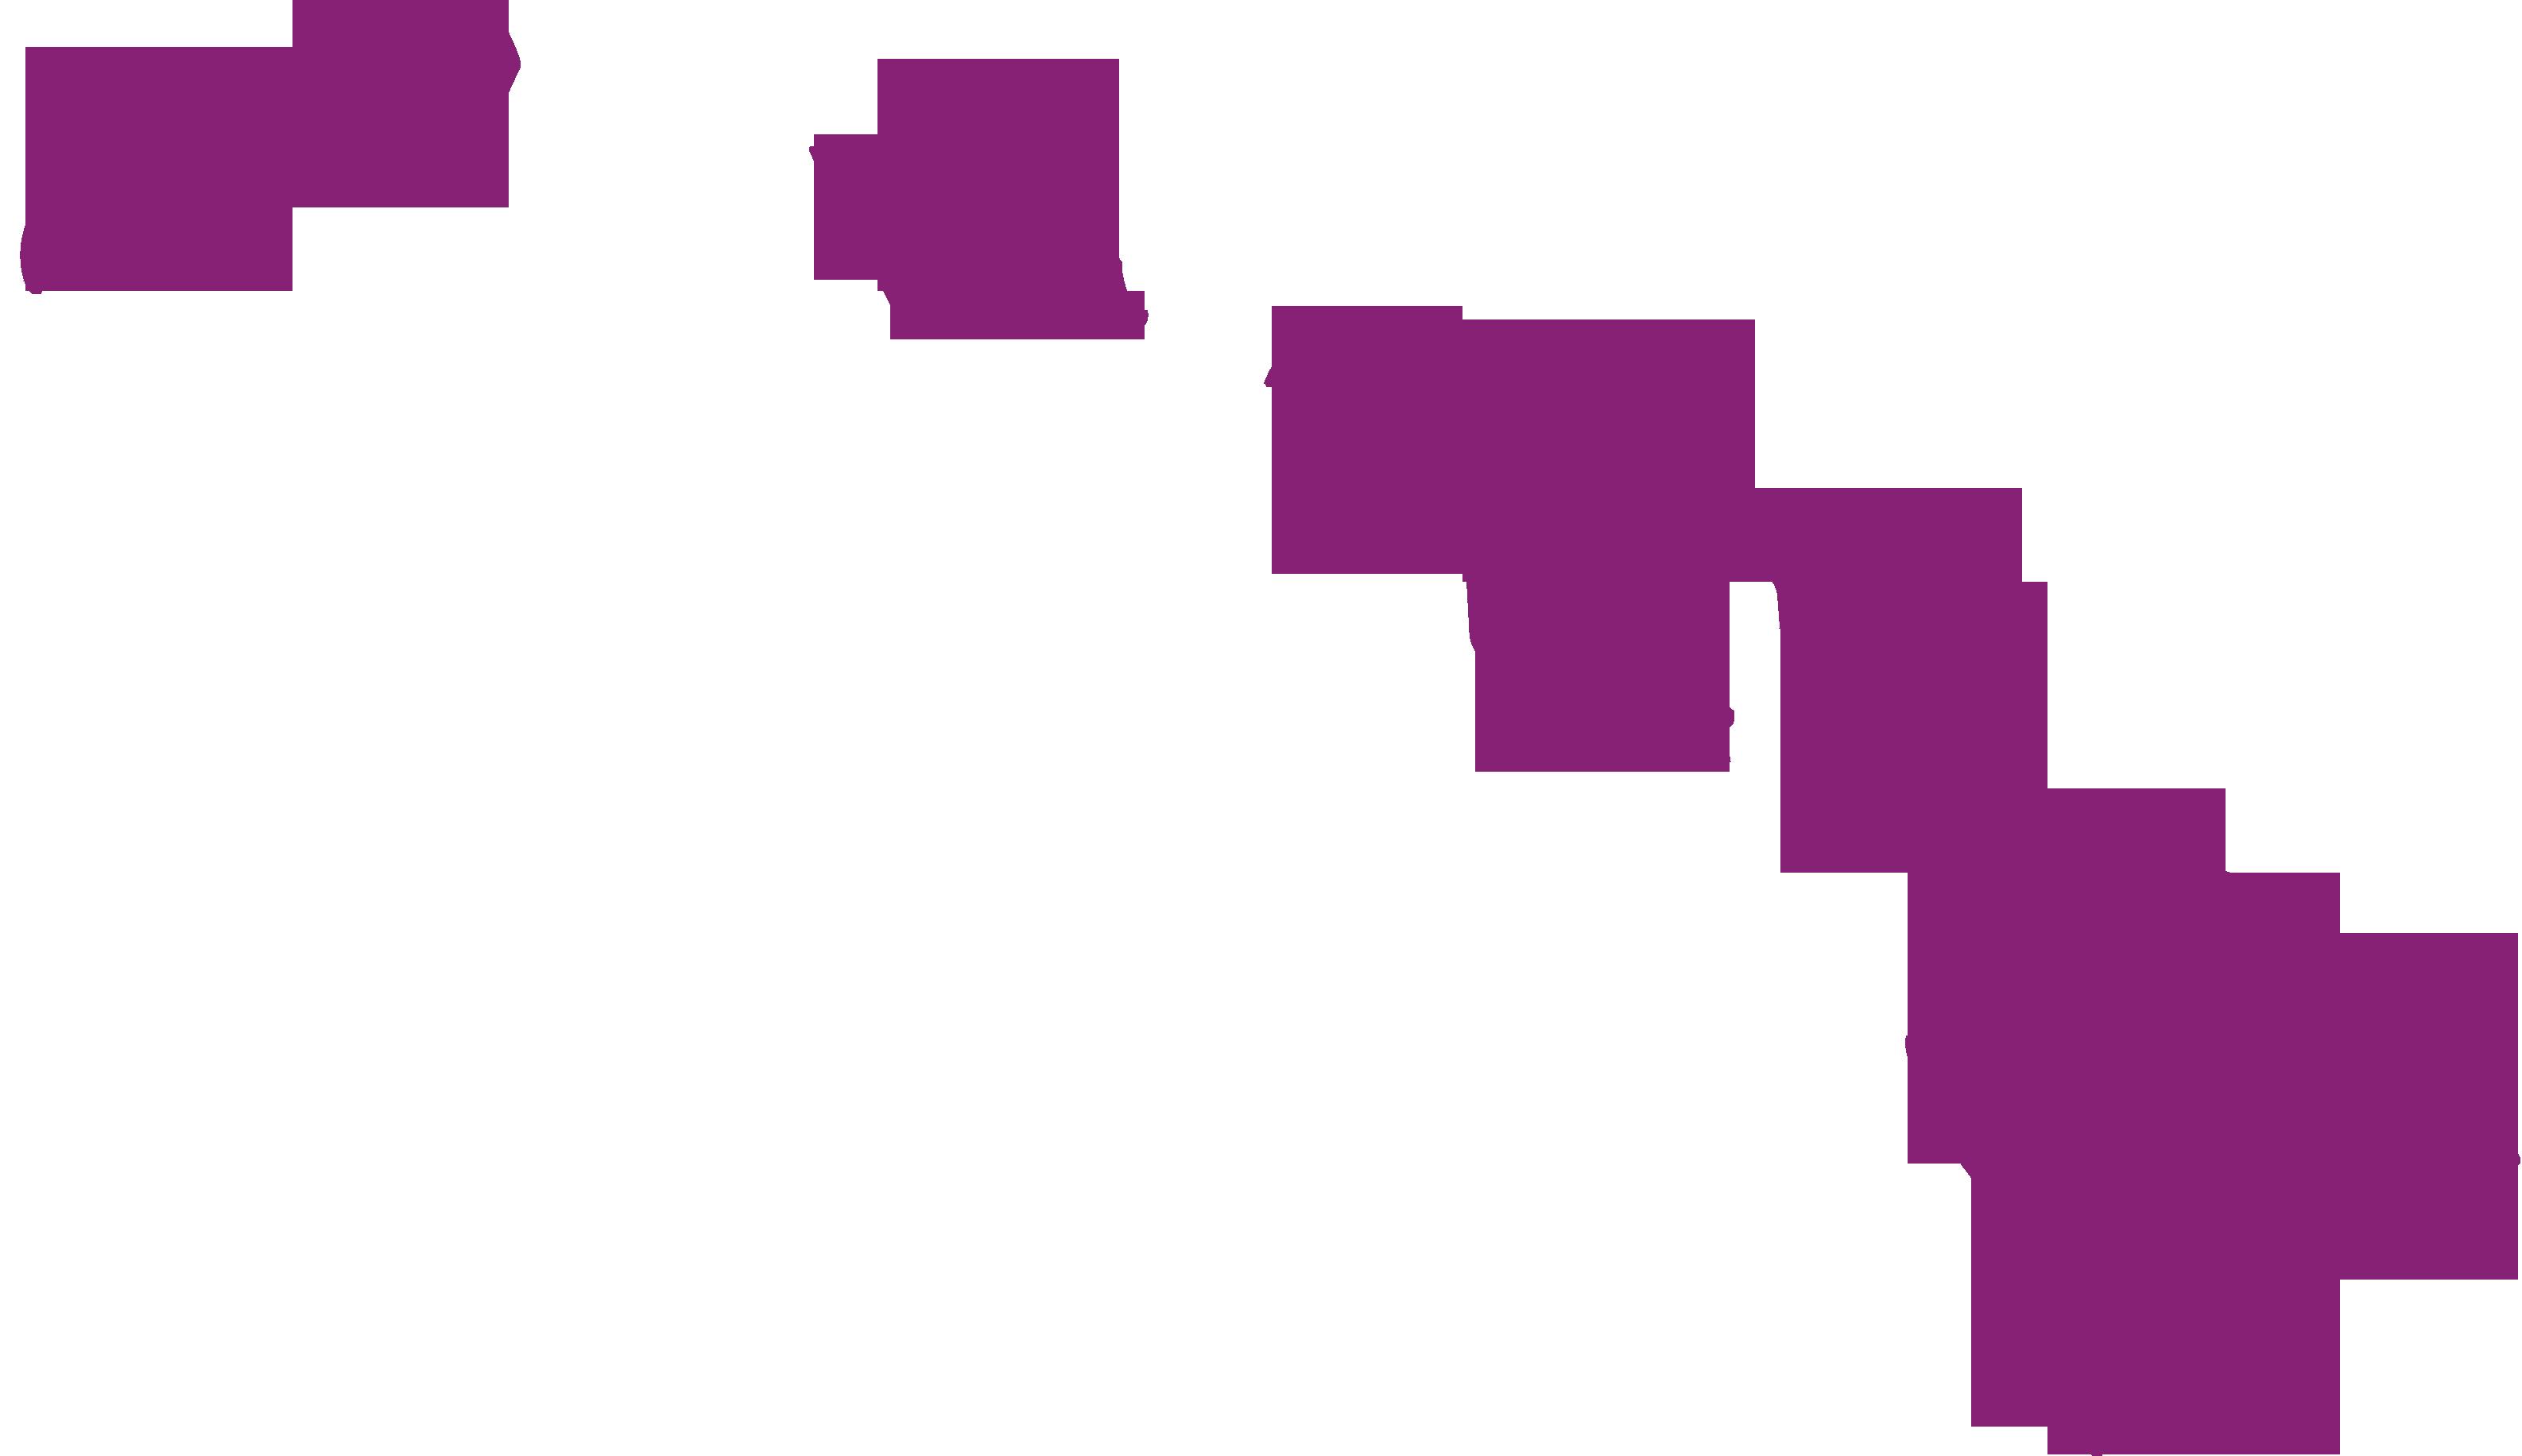 Honolulu County, Hawaii Maui Clip art.